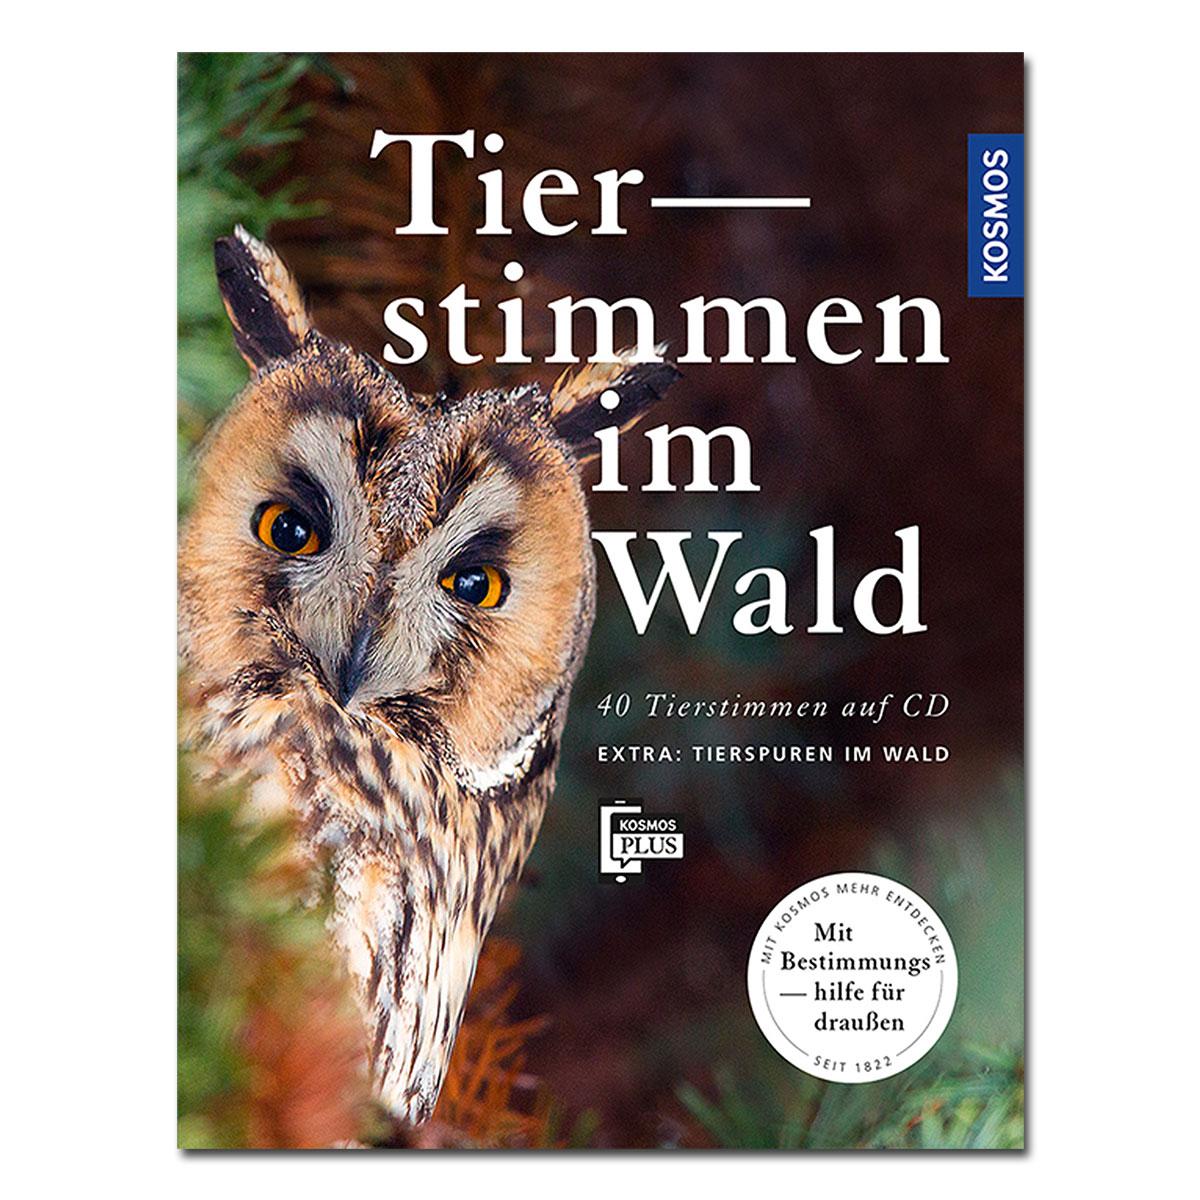 Tierstimmen im Wald (CD+Leporello) im Pareyshop